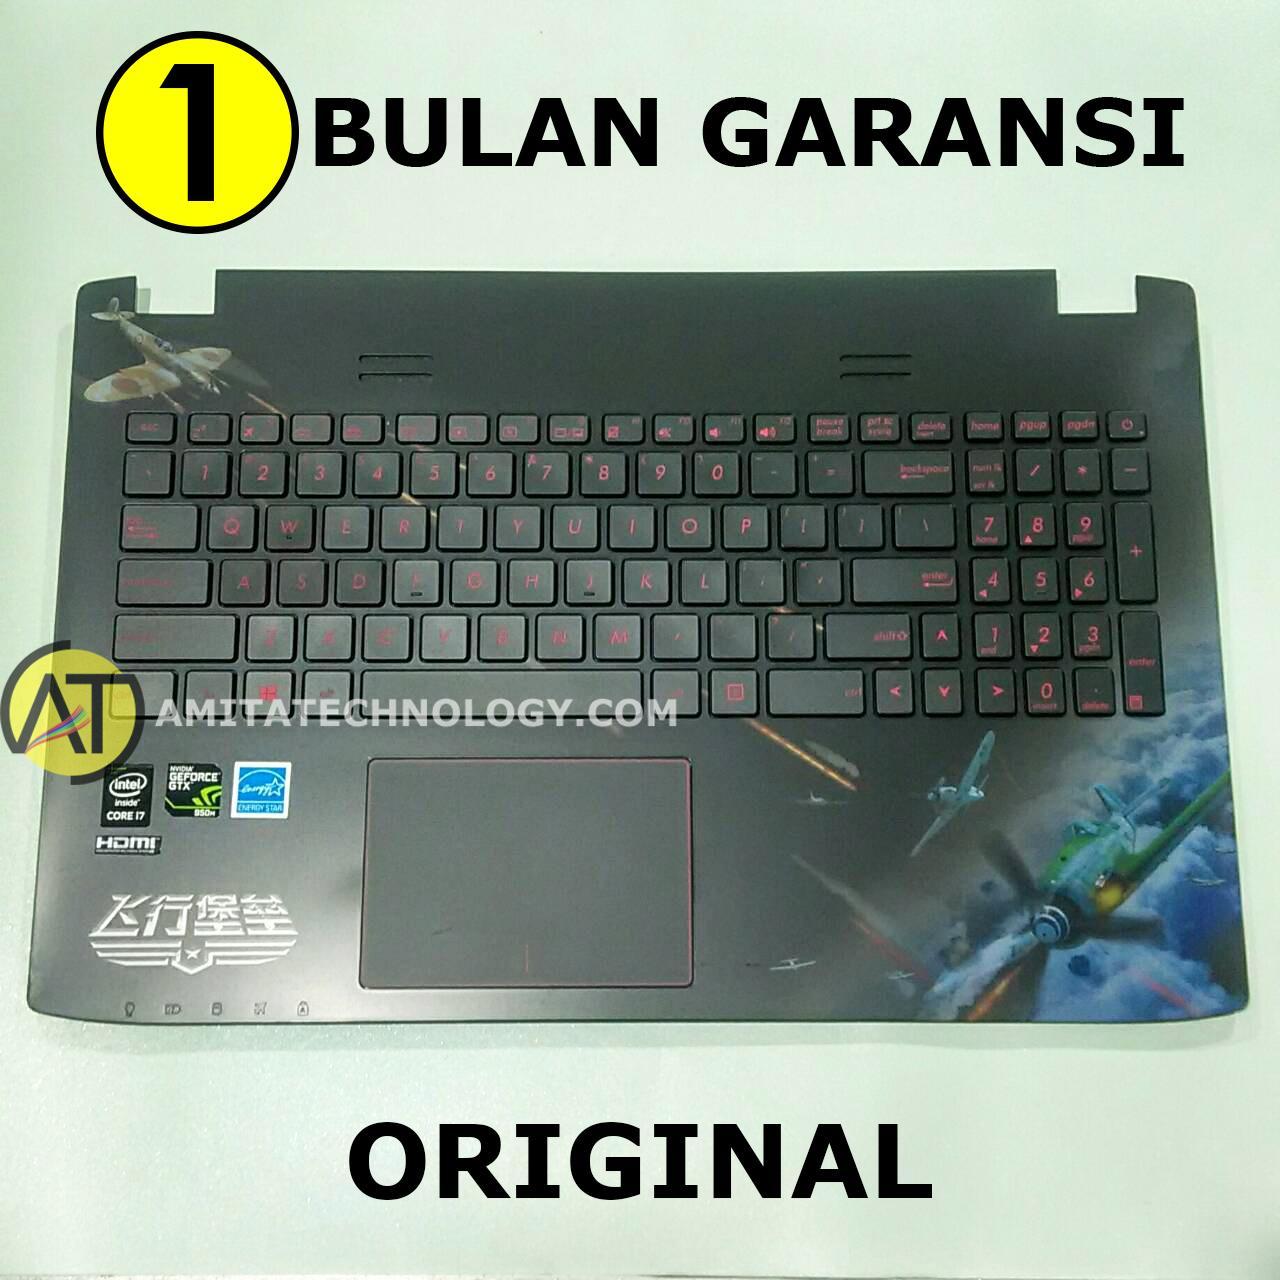 Amita - Keyboard ORIGINAL Asus ROG GL552 GL552JX GL552VW GL552VX